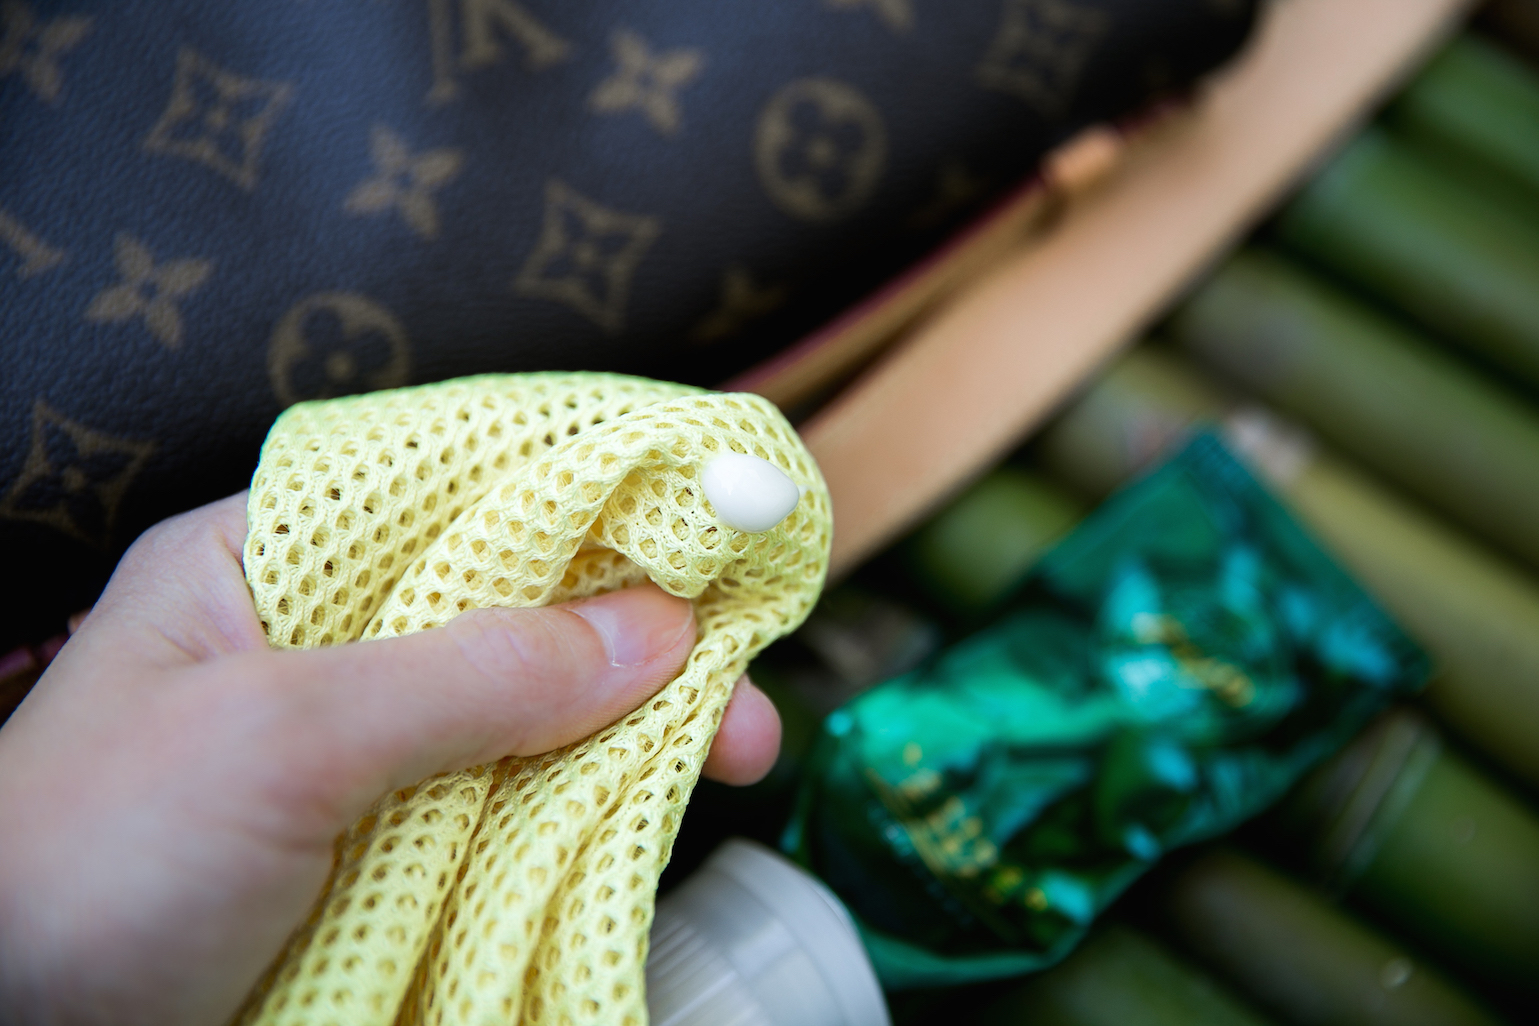 Wie Entferne Ich Wasserflecken Von Meiner Louis Vuitton